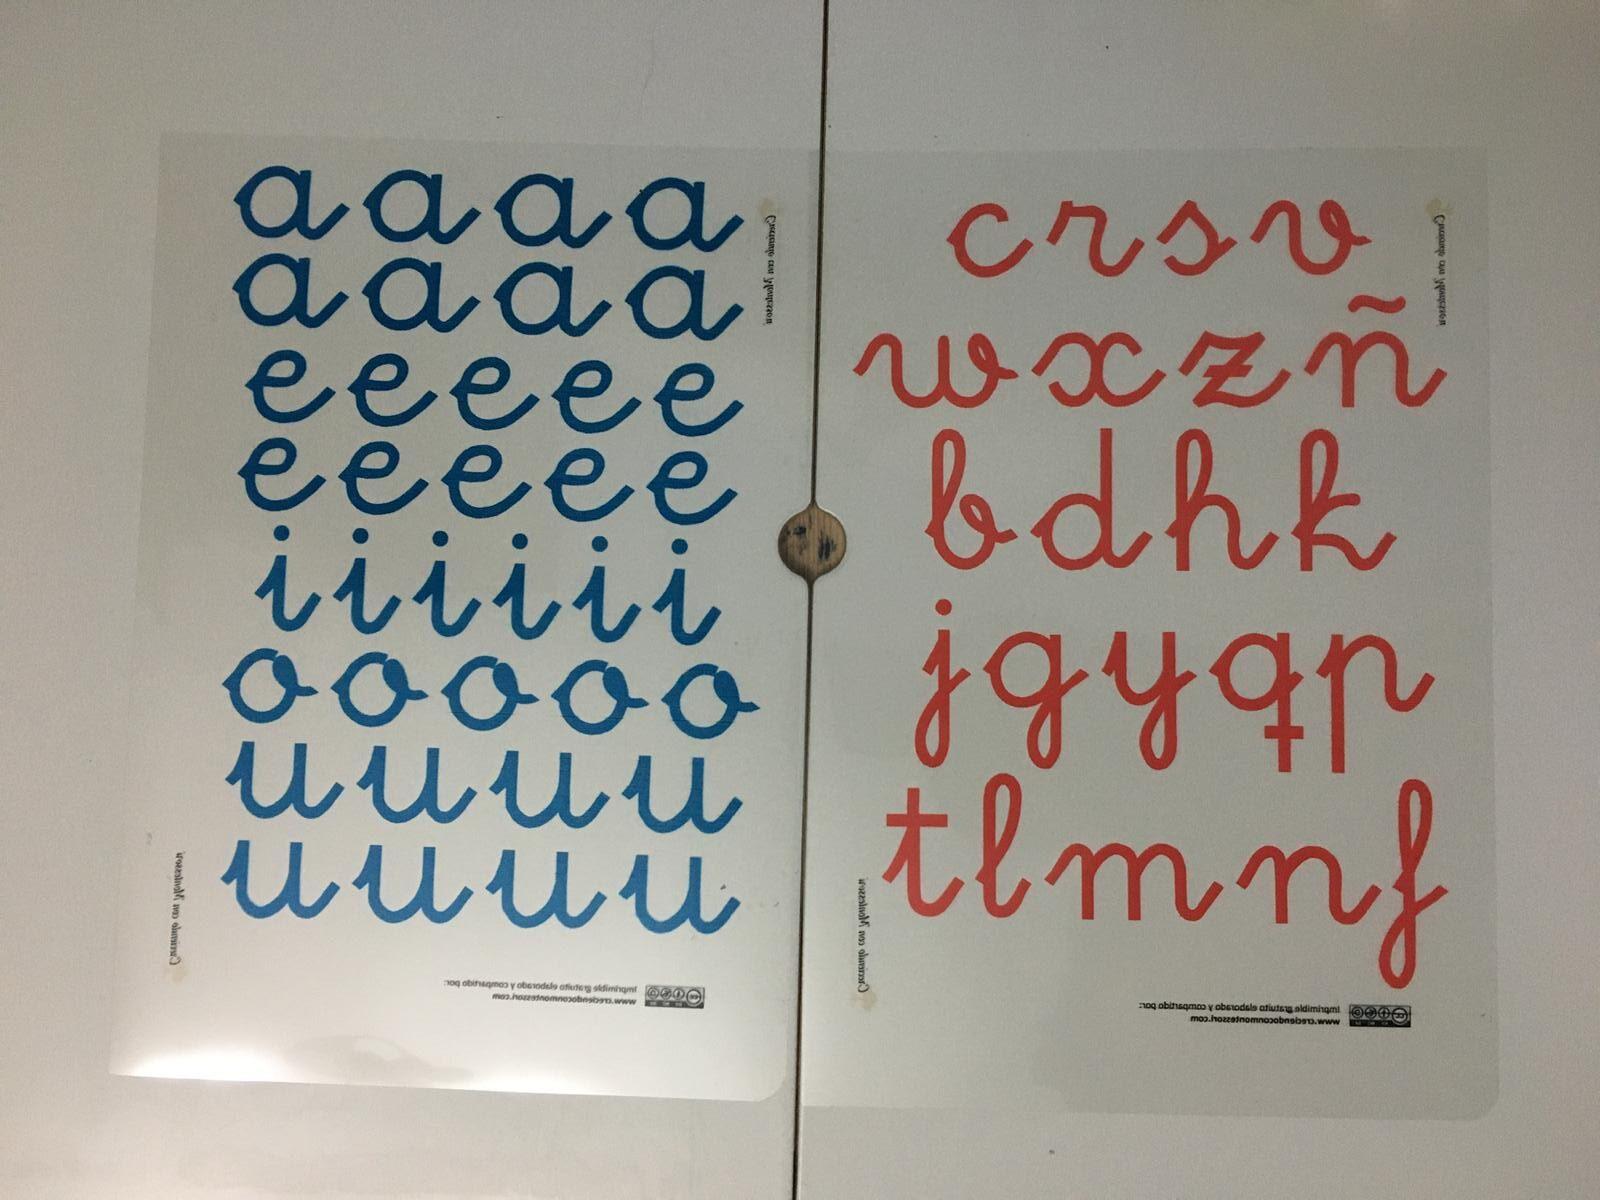 Plantillas descargables para imprimir en papel de acetato y formar tu alfabeto Montessori DIY.